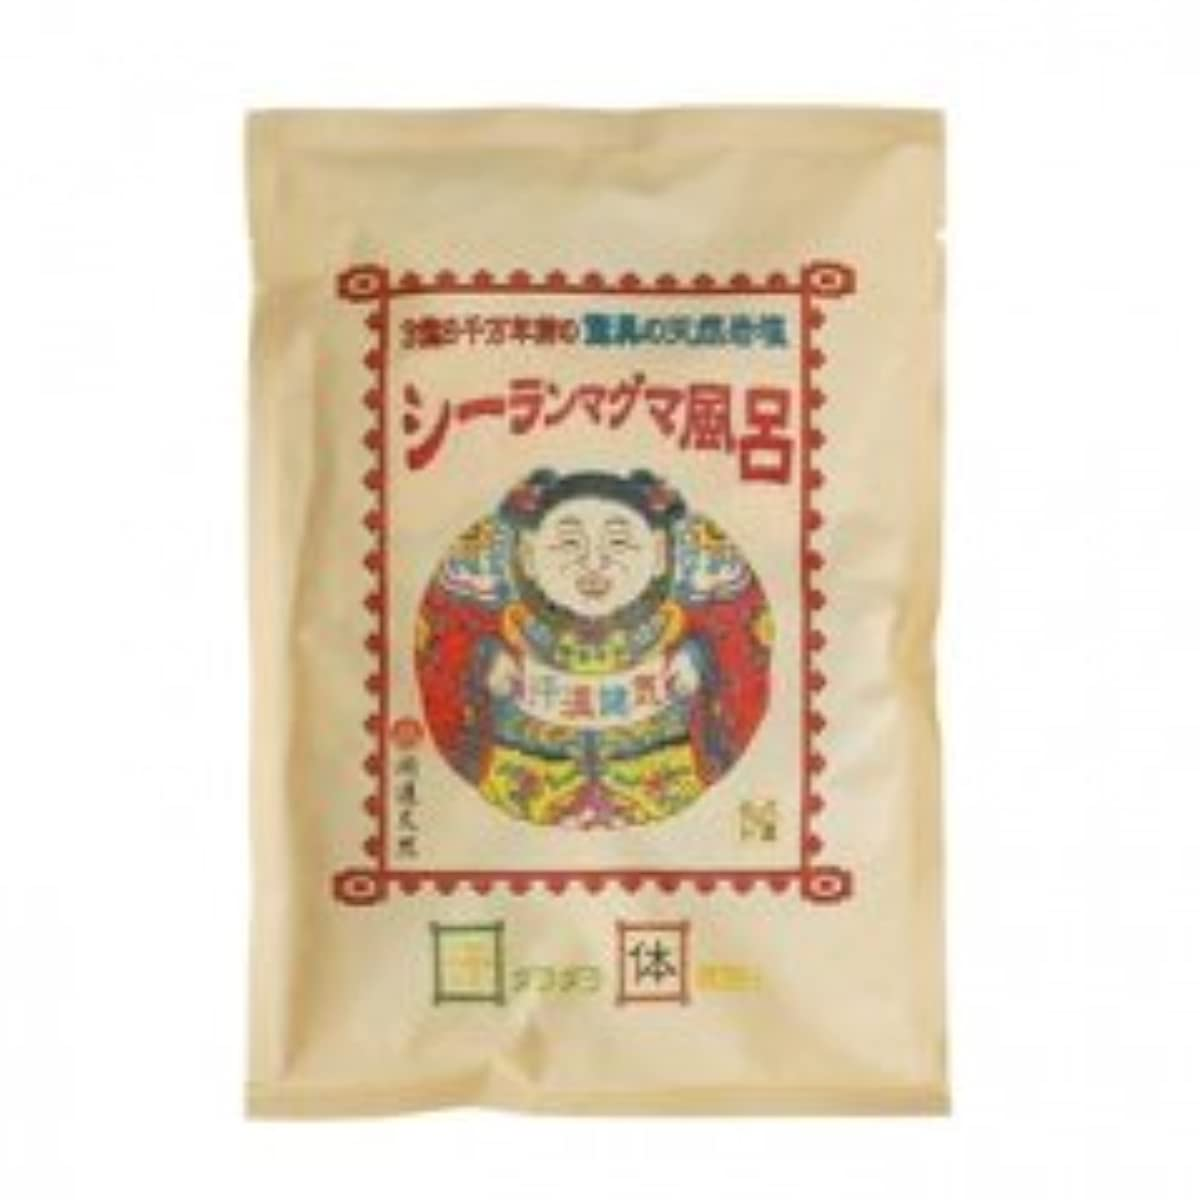 住所ピザ世界記録のギネスブック元祖シーランマグマ風呂 25g×45